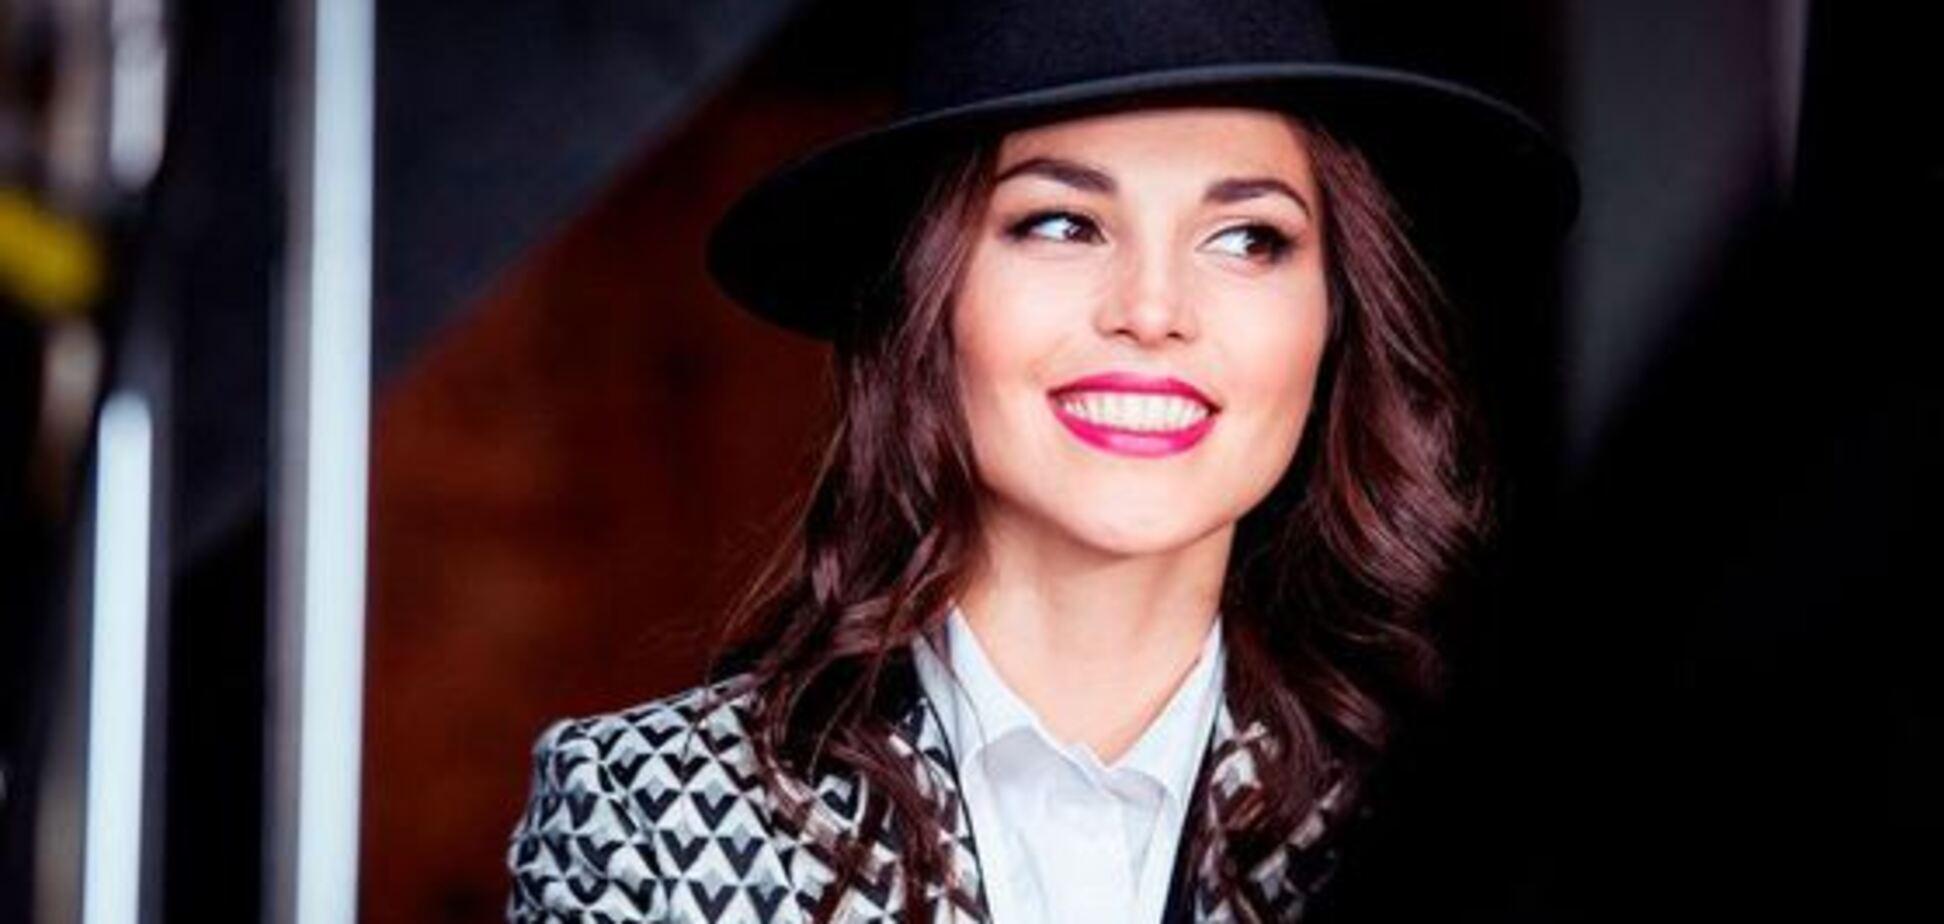 Популярна російська співачка зіграла кавказьке весілля: в мережу злили відео